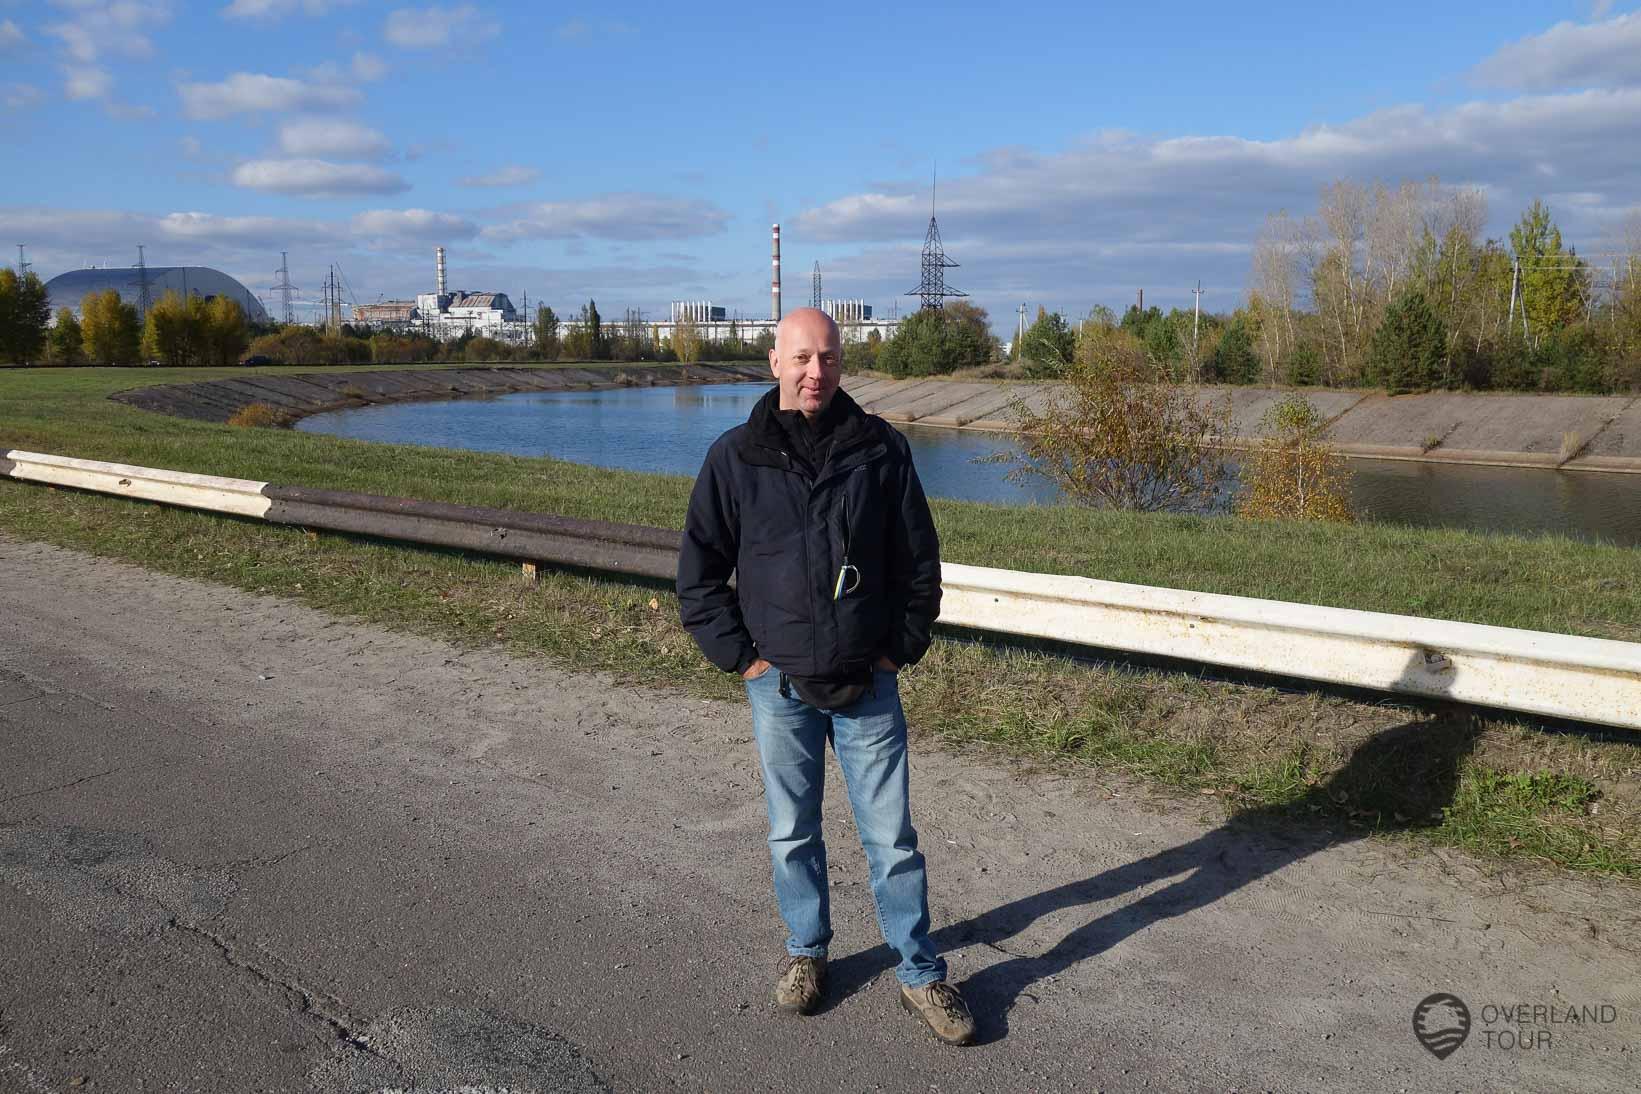 Reaktor 4 von Tschernobyl im Hintergrund